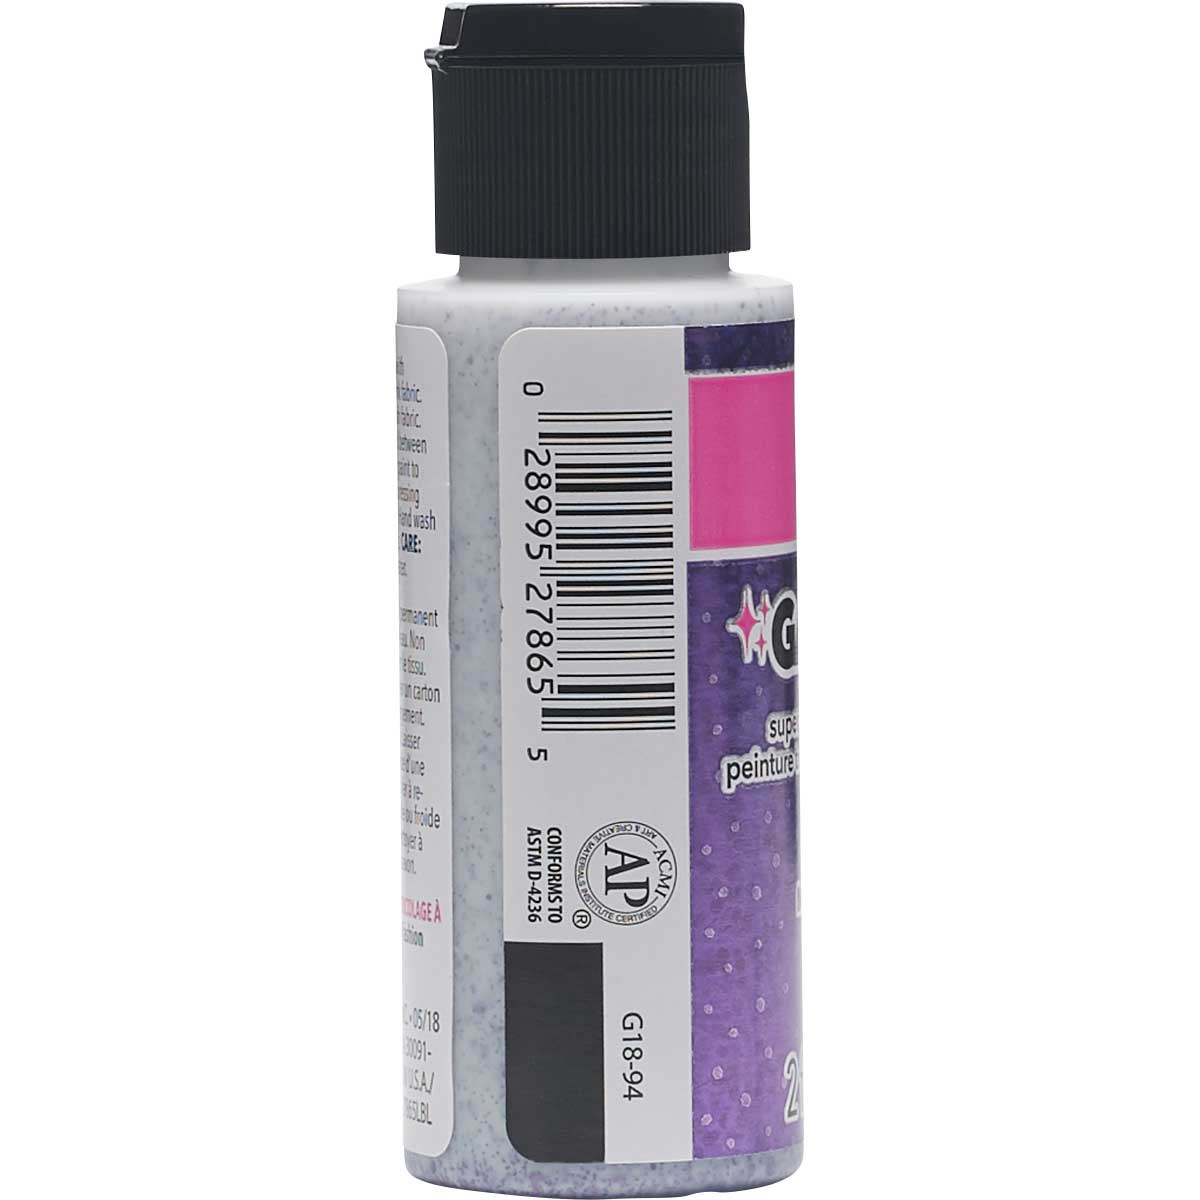 LaurDIY ® Galaxy Glitter Fabric Paint - Magnetic, 2 oz.